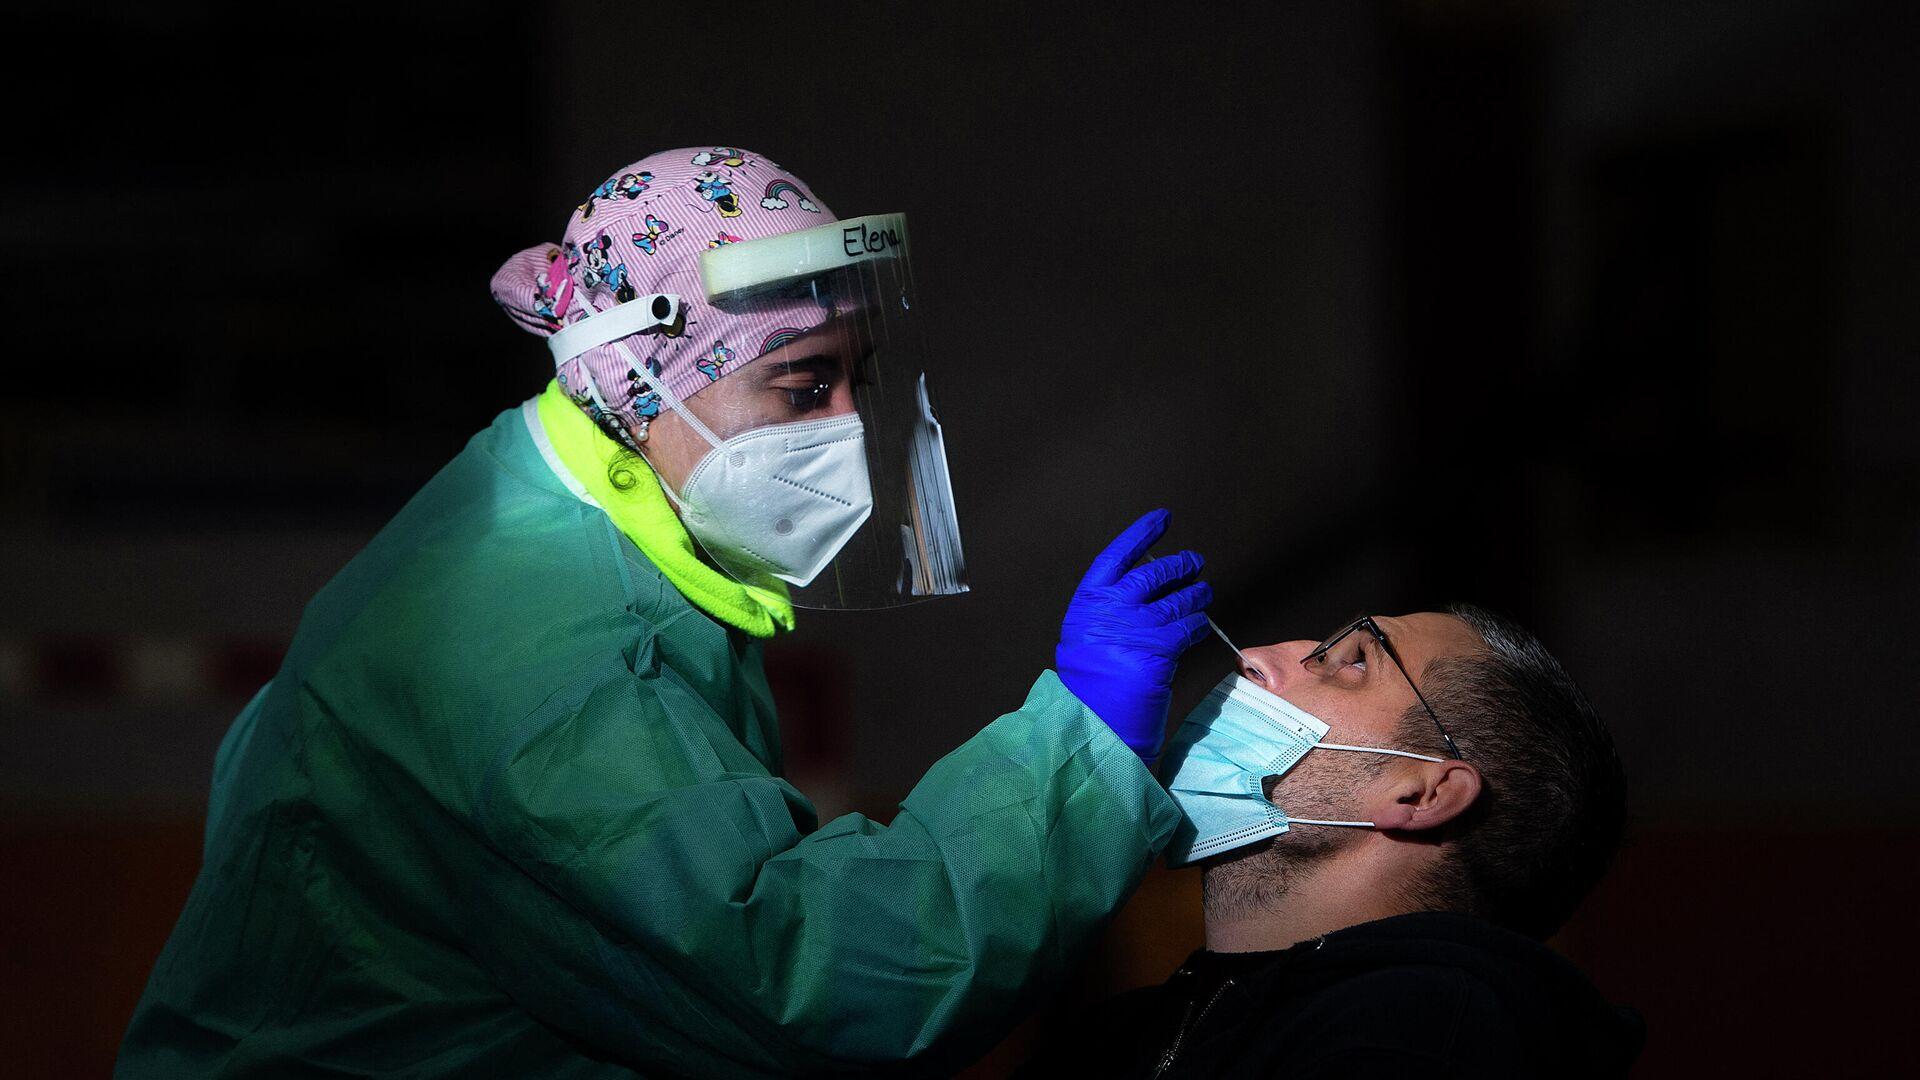 Una trabajadora de la salud realiza una prueba rápida de antígeno para COVID-19 durante una detección masiva de coronavirus en Tui, noroeste de España, el 8 de diciembre de 2020. - Sputnik Mundo, 1920, 10.03.2021